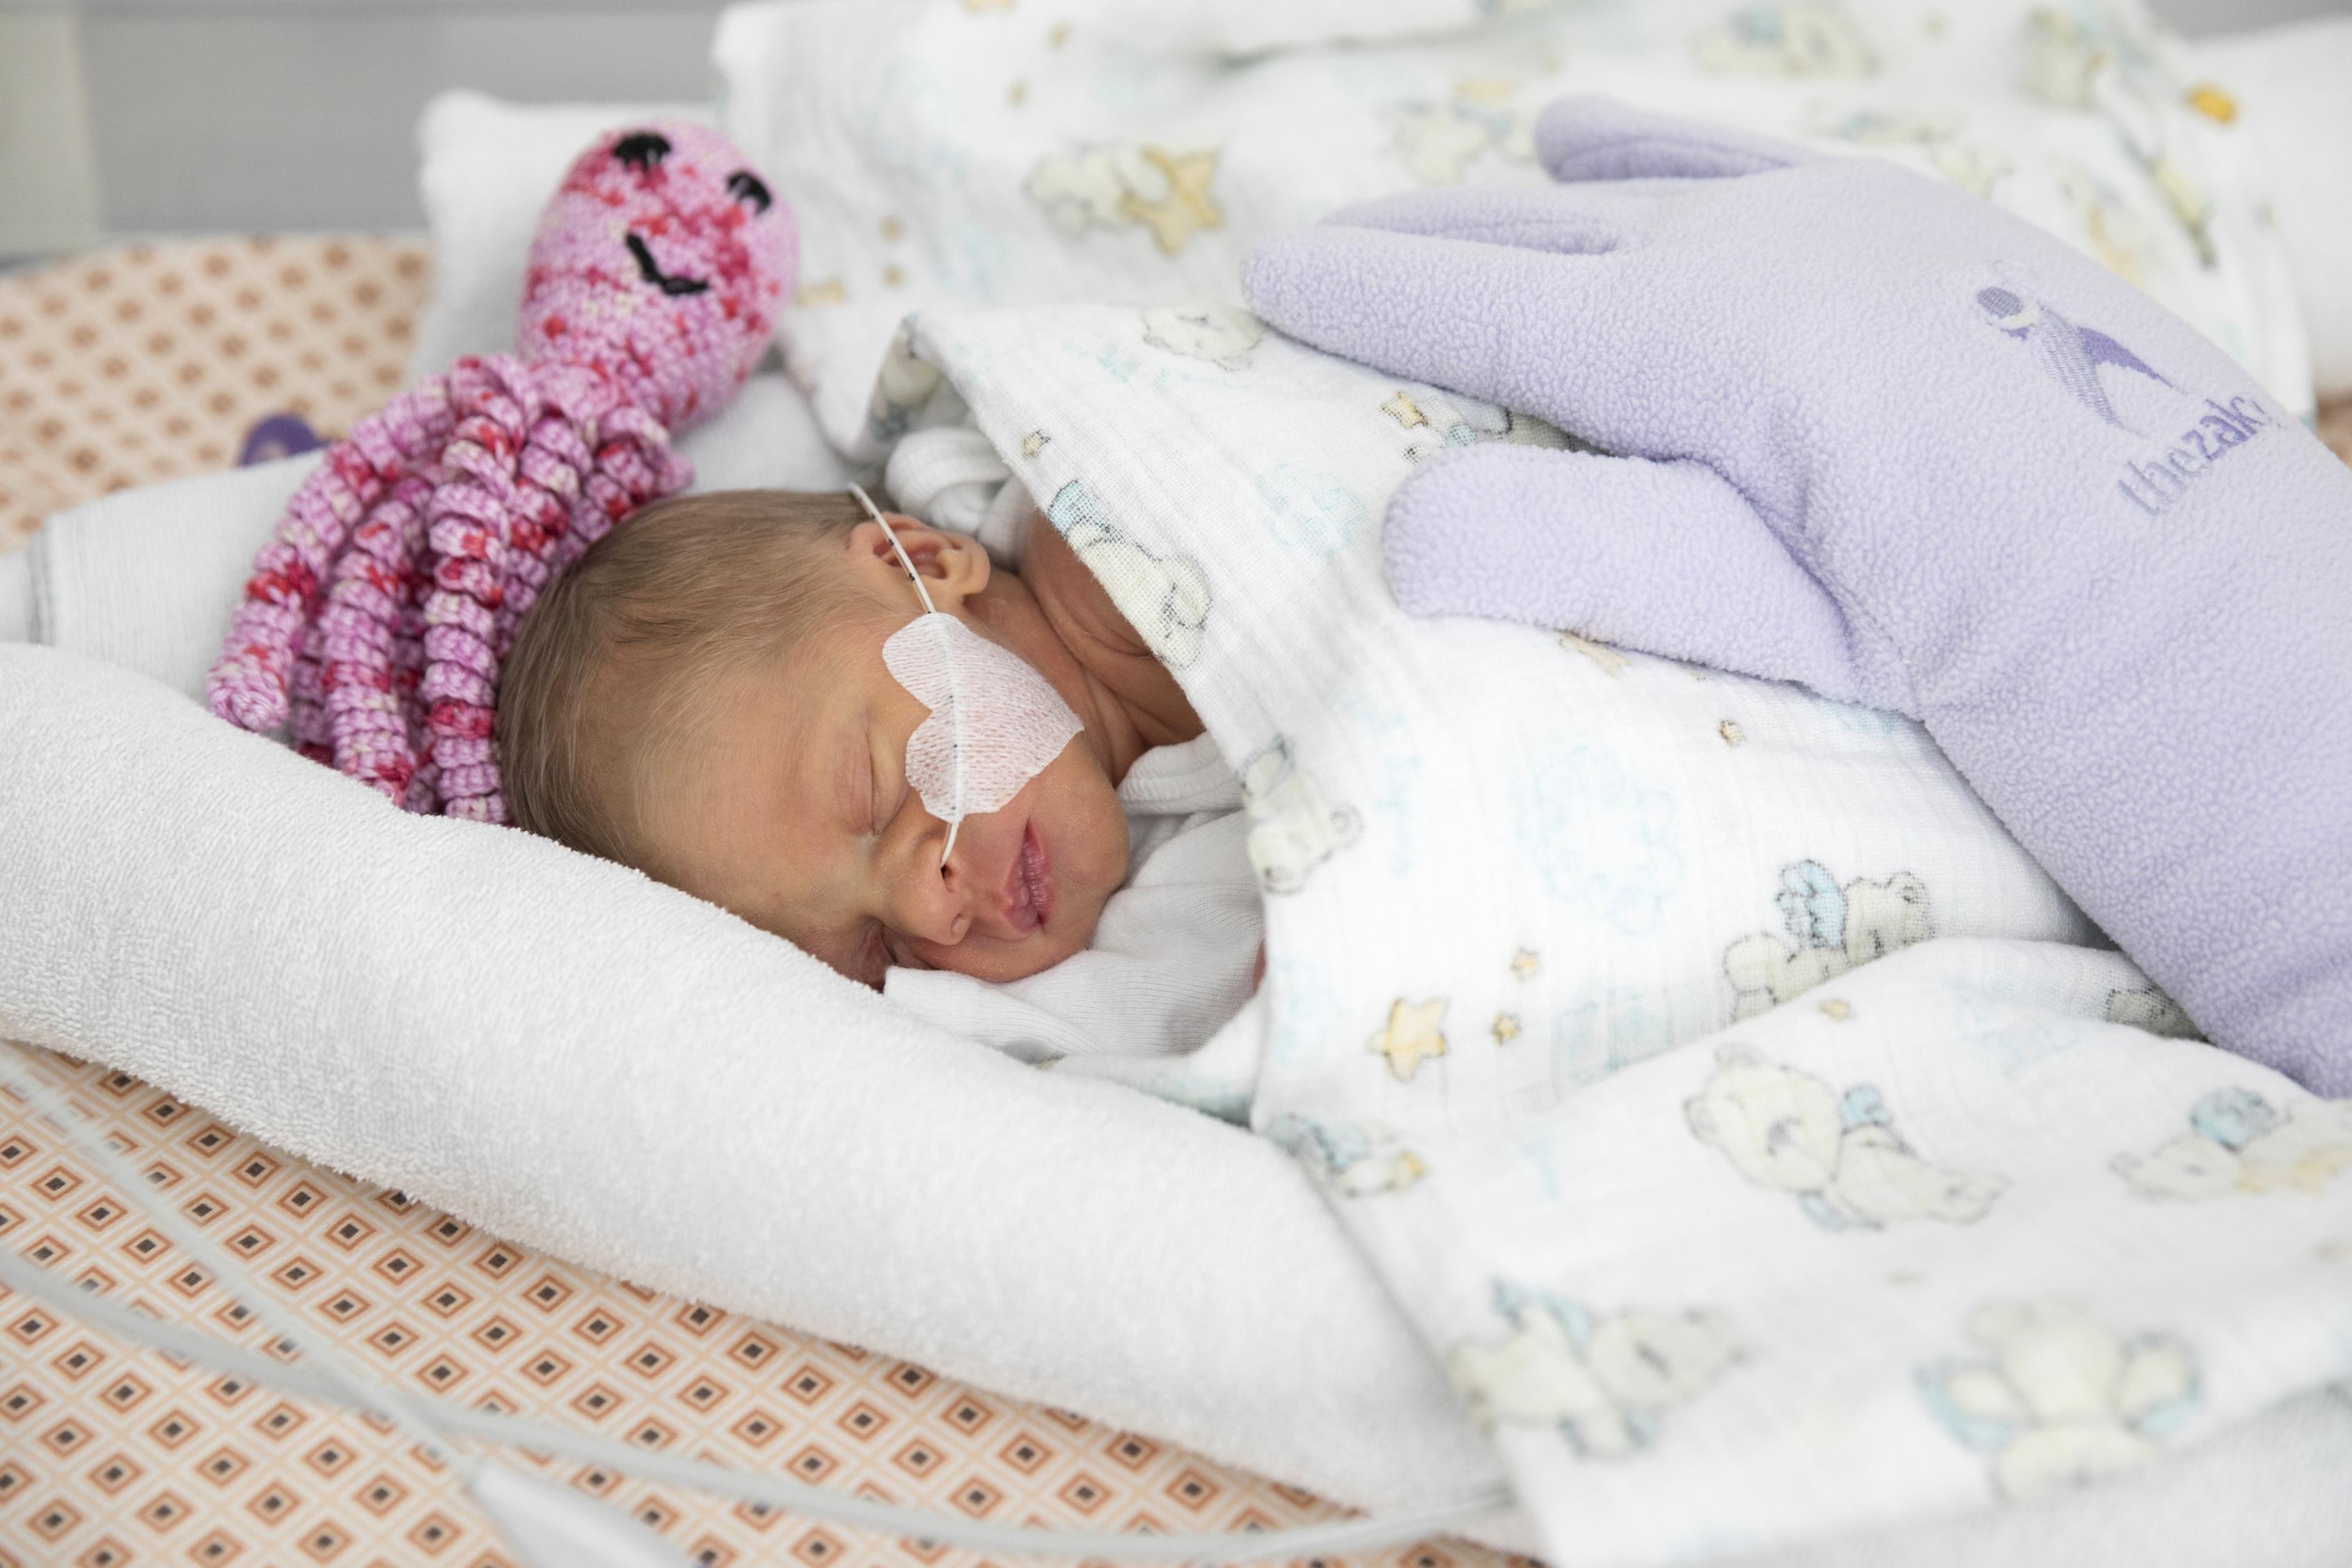 """Ein """"Oktopus für Frühchen"""" und ein """"Zaky"""" sorgen dafür, dass sich die Babys auch im Wärmebettchen sicher und geborgen fühlen. (Fotocredit: St. Josef Krankenhaus / Alek Kawka)"""